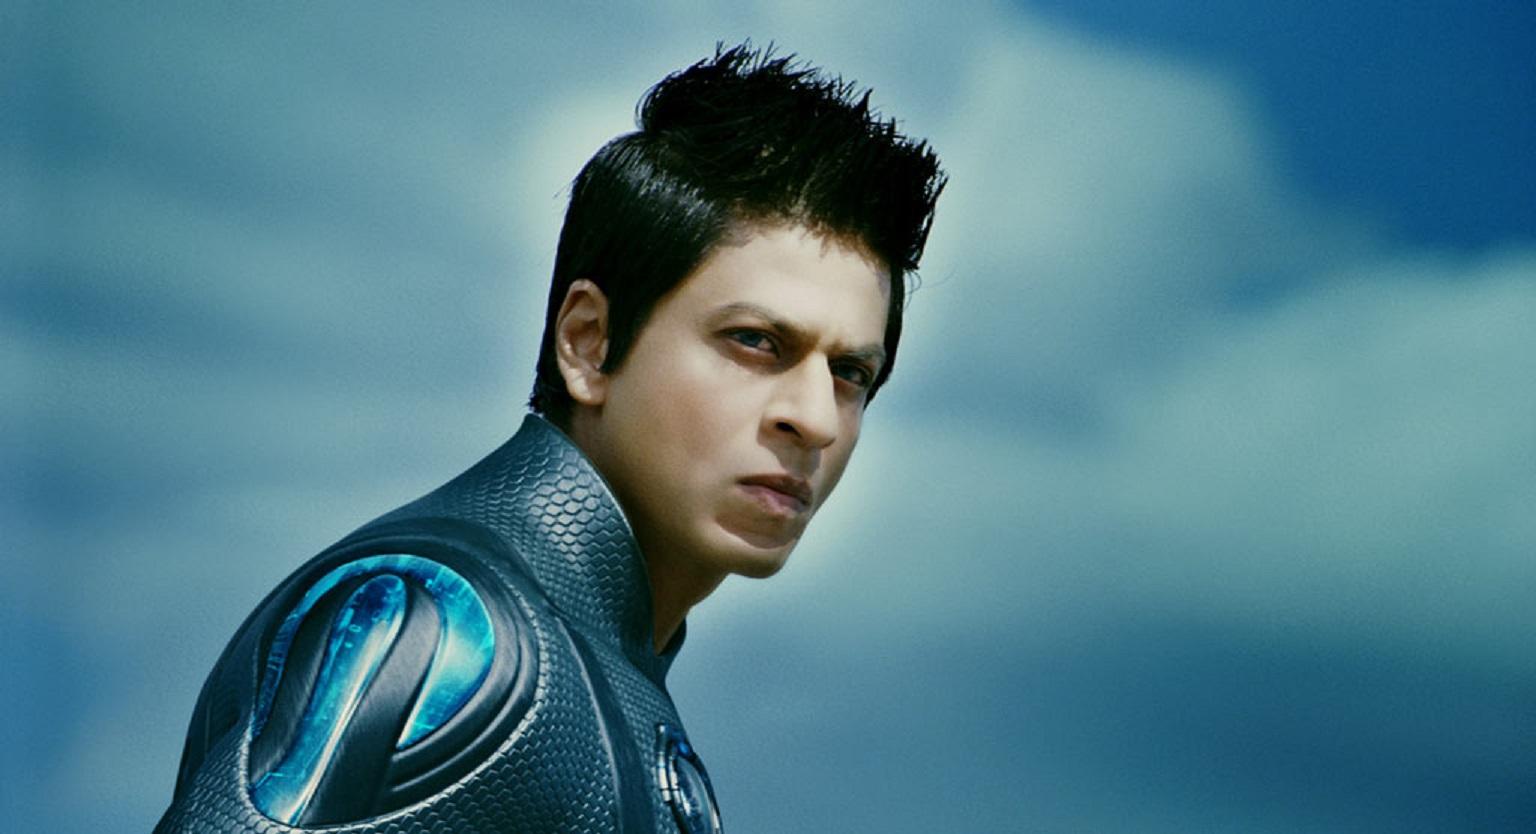 Shah Rukh Khan in Ra. One (2011)